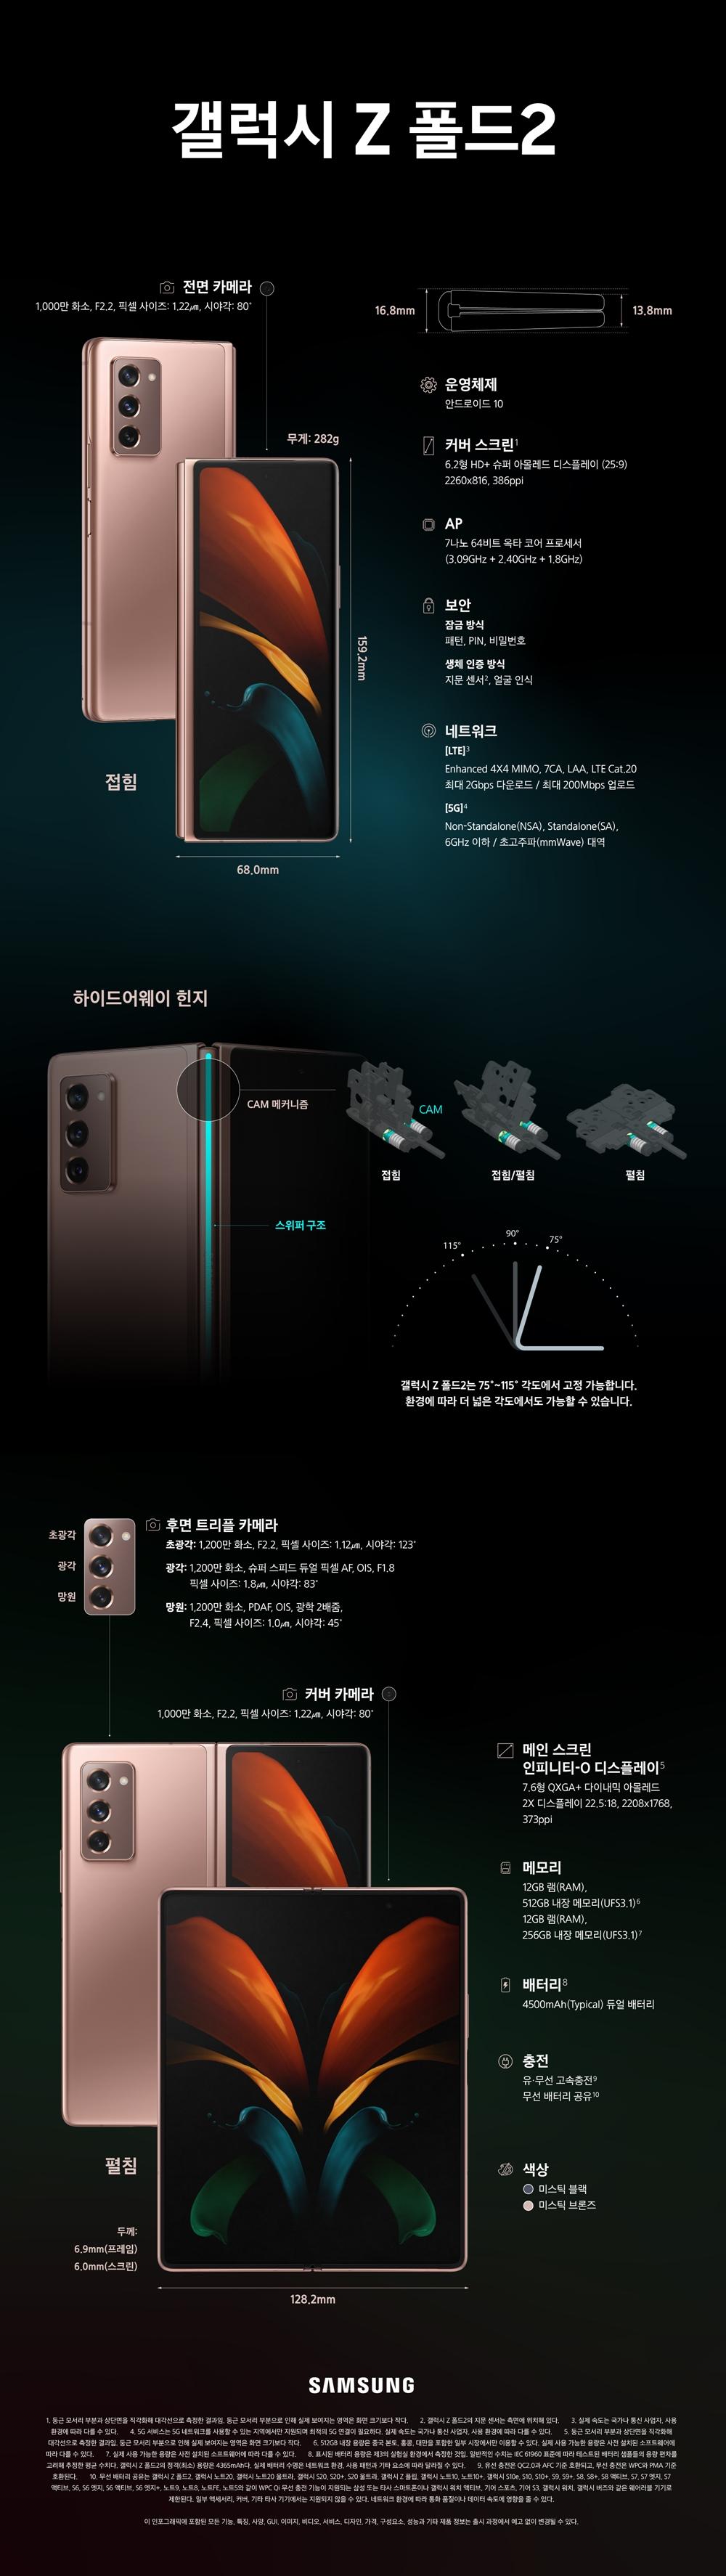 갤럭시 Z 폴드2 접힘 무게: 282g 16.8mm(바깥 부분) 13.8mm(안쪽 부분) 전면 카메라 1,000만 화소, F2.2, 픽셀 사이즈: 1.22㎛, 시야각: 80º 운영체제 안드로이드 10 커버 스크린1 6.2형 HD+ 수퍼 아몰레드 디스플레이 (25:9) 2260x816, 386ppi AP 7나노 64비트 옥타 코어 프로세서 (3.09GHz + 2.40GHz + 1.8GHz) 보안 잠금 방식 패턴, PIN, 비밀번호 생체 인증 방식 지문 센서2, 얼굴 인식 네트워크 [LTE]3 Enhanced 4X4 MIMO, 7CA, LAA, LTE Cat.20 최대 2Gbpa 다운로드 / 최대 150Mbps 업로드 [5G]4 Non-Standalone (NSA), Standalone (SA), 6GHz 이하 / 초고주파(mmWave) 대역 하이드어웨이 힌지 CAM 메커니즘 접힘 접힘/펼침 펼침 스위퍼 구조 갤럭시 Z 폴드2는 75~115도 사이에서 스스로 열린 상태로 거치 가능함. 해당 동작은 고객 편의와 사용성을 위해, 사용 환경에 따라 이 각도를 포함한 넓은 범위에서 실행됨 후면 트리플 카메라 초광각: 1200만 화소, F2.2, 픽셀 사이즈: 1.12㎛, 시야각: 123º 광각: 1200만 화소, 슈퍼 스피드 듀얼 픽셀 AF, OIS, F1.8 픽셀 사이즈: 1.8㎛, 시야각: 83º 망원: 1200만 화소, PDAF, 듀얼 OIS, 0.5배 출력 광학 2배 줌, 최대 디지털 10배 줌, HDR 10+ 영상 촬영, AF 추적 F2.4, 픽셀 사이즈: 1.0㎛, 시야각: 45º 커버 카메라 1000만 화소, F2.2, 픽셀 사이즈: 1.22㎛, 시야각: 80º 메인 스크린 인피니티-O 디스플레이5 7.6형 QXGA+ 다이내믹 아몰레드 2X 디스플레이 22.5:18, 2208x1768, 373ppi 메모리 12GB 램(RAM), 512GB 내장 메모리(UFS3.1)6 12GB 램(RAM), 256GB 내장 메모리(UFS3.1)7 배터리8 4500mAh (Typical) 듀얼 배터리 충전 무선·유선 고속 충전9 무선 배터리 공유10 색상 미스틱 블랙 미스틱 브론즈 펼cla 두께: 6.9mm(프레임) 6.0mm(스크린) 1. 둥근 모서리 부분과 상단면을 직각화해 대각선으로 측정한 결과임. 둥근 모서리 부분으로 인해 실제 보여지는 영역은 화면 크기보다 작다. 2. 갤럭시 Z 폴드2의 지문 센서는 측면에 위치해 있다. 3. 실제 속도는 국가나 통신 사업자, 사용 환경에 따라 다를 수 있다. 4. 5G 서비스는 5G 네트워크를 사용할 수 있는 지역에서만 지원되며 최적의 5G 연결이 필요하다. 실제 속도는 국가나 통신 사업자, 사용 환경에 따라 다를 수 있다. 5. 둥근 모서리 부분과 상단면을 직각화해 대각선으로 측정한 결과임. 둥근 모서리 부분으로 인해 실제 보여지는 영역은 화면 크기보다 작다. 6. 512GB 내장 용량은 중국 본토, 홍콩, 대만을 포함한 일부 시장에서만 이용할 수 있다. 실제 사용 가능한 용량은 사전 설치된 소프트웨어에 따라 다를 수 있다. 7. 실제 사용 가능한 용량은 사전 설치된 소프트웨어에 따라 다를 수 있다. 8. 표시된 배터리 용량은 제3의 실험실 환경에서 측정한 것임. 일반적인 수치는 IEC 61960 표준에 따라 테스트된 배터리 샘플들의 용량 편차를 고려해 추정한 평균 수치다. 갤럭시 Z 폴드2의 정격(최소) 용량은 4365mAh다. 실제 배터리 수명은 네트워크 환경, 사용 패턴과 기타 요소에 따라 달라질 수 있다. 9. 유선 충전은 QC2.0과 AFC 기술을, 무선 충전은 WPC와 PMA 기준 호환된다. 10. 무선 배터리 공유는 갤럭시 Z 폴드2, 갤럭시 노트20, 갤럭시 노트20 울트라, 갤럭시 S20, S20+, S20 울트라, 갤럭시 Z 플립, 갤럭시 노트10, 노트10+, 갤럭시 S10e, S10, S10+, S9, S9+, S8, S8+, S8 액티브, S7, S7 엣지, S7 액티브, S6, S6 엣지, S6 액티브, S6 엣지+, 노트9, 노트8, 노트FE, 노트5와 같이 